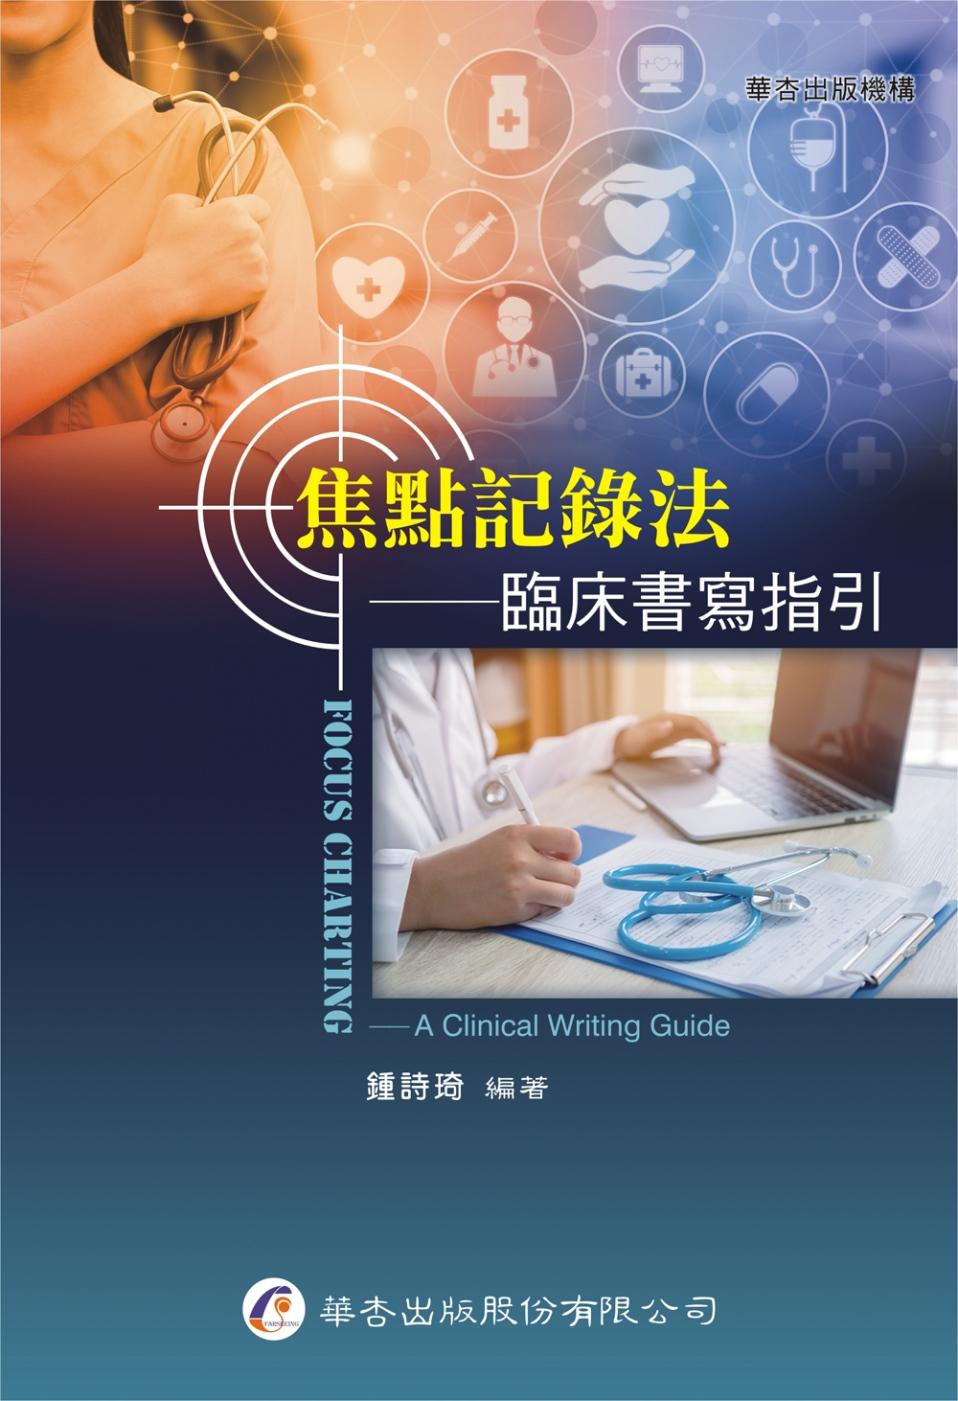 焦點記錄法:臨床書寫指引